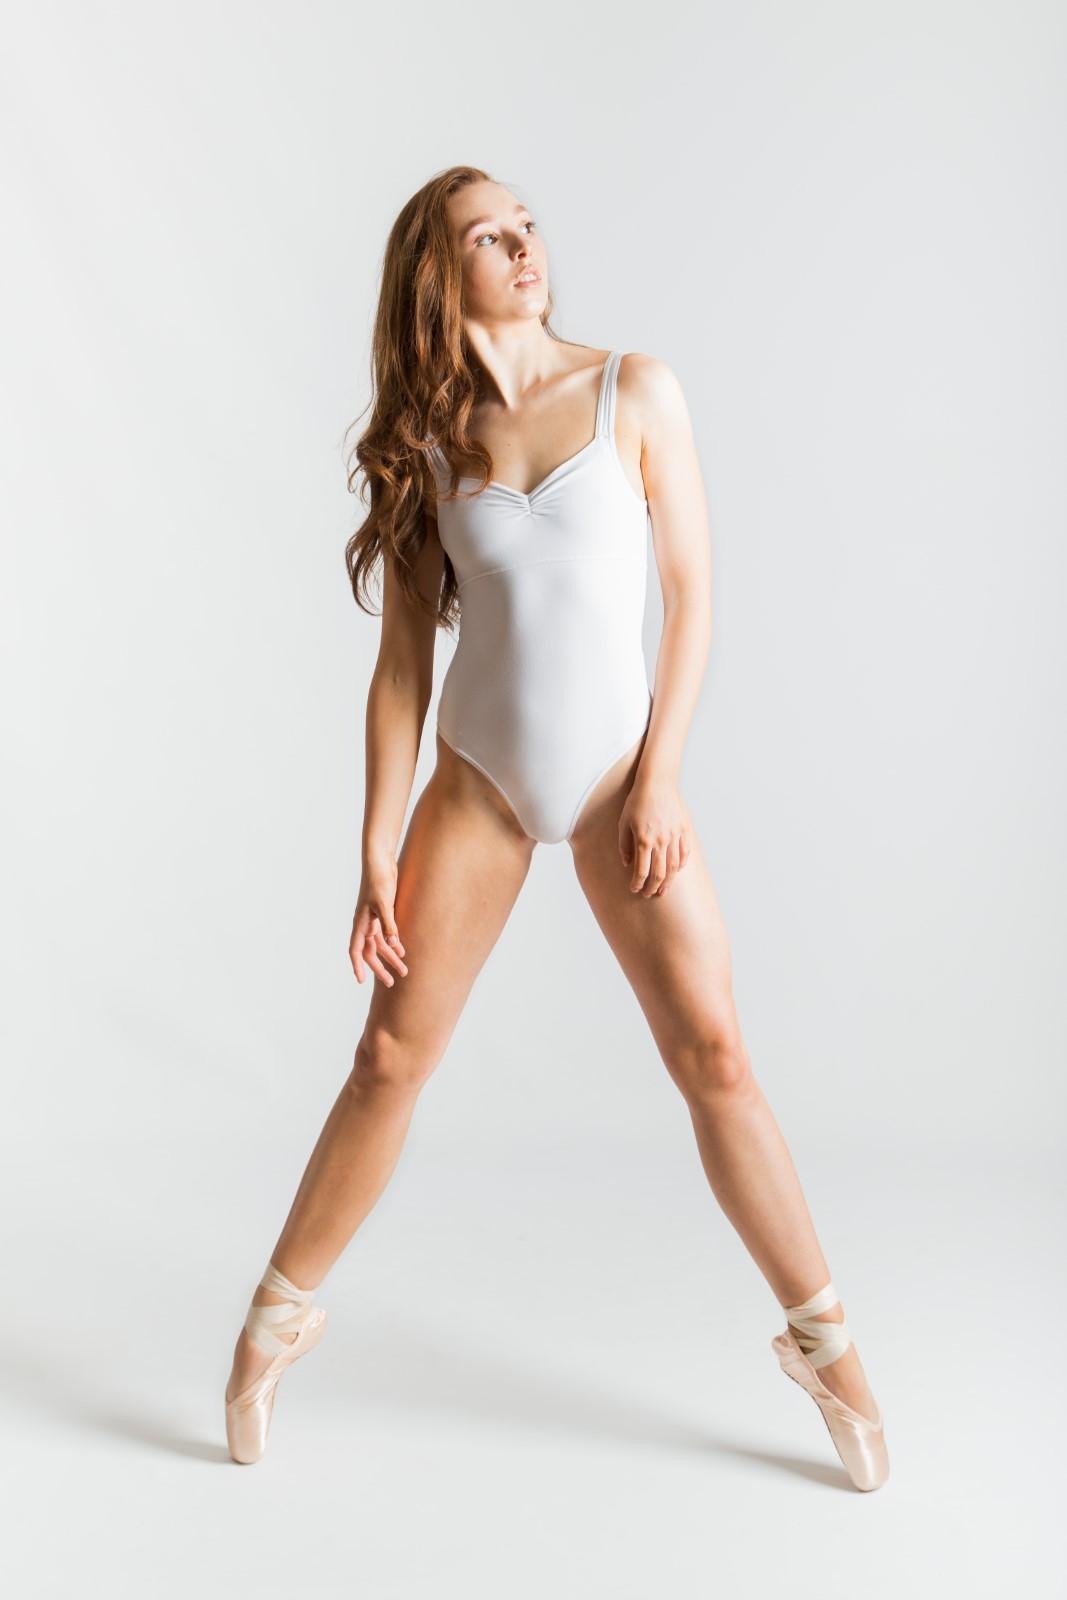 dance photoshoot cheshire).jpg